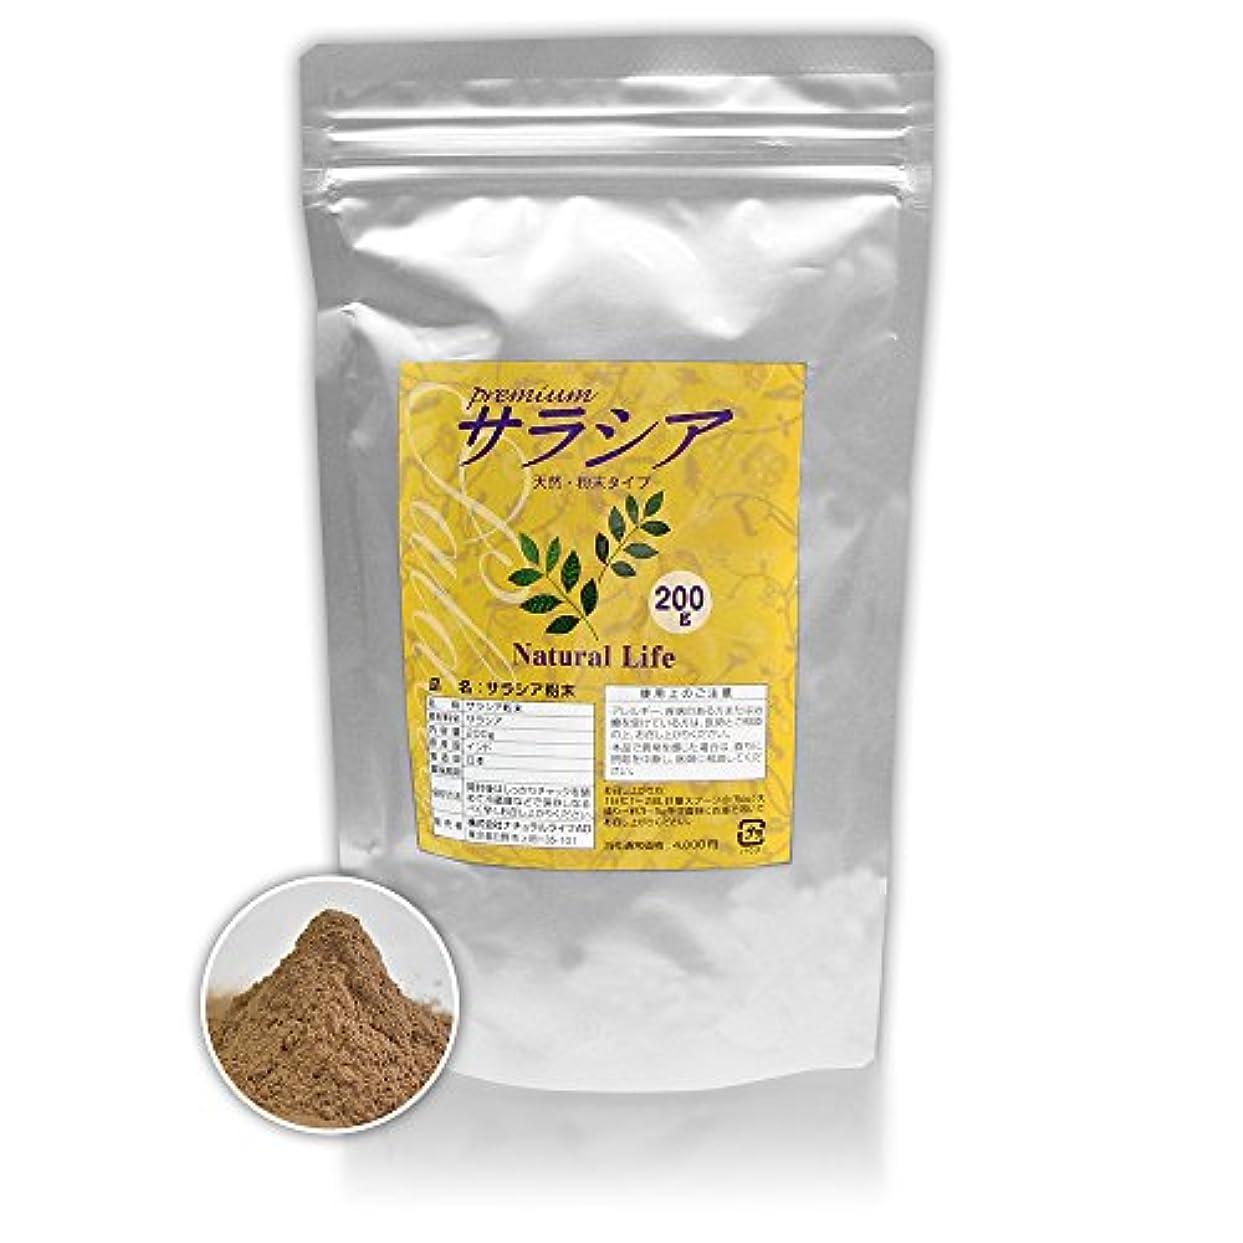 固める収縮先史時代のサラシア粉末[200g]天然ピュア原料(無添加)健康食品(さらしあ,レティキュラータ)